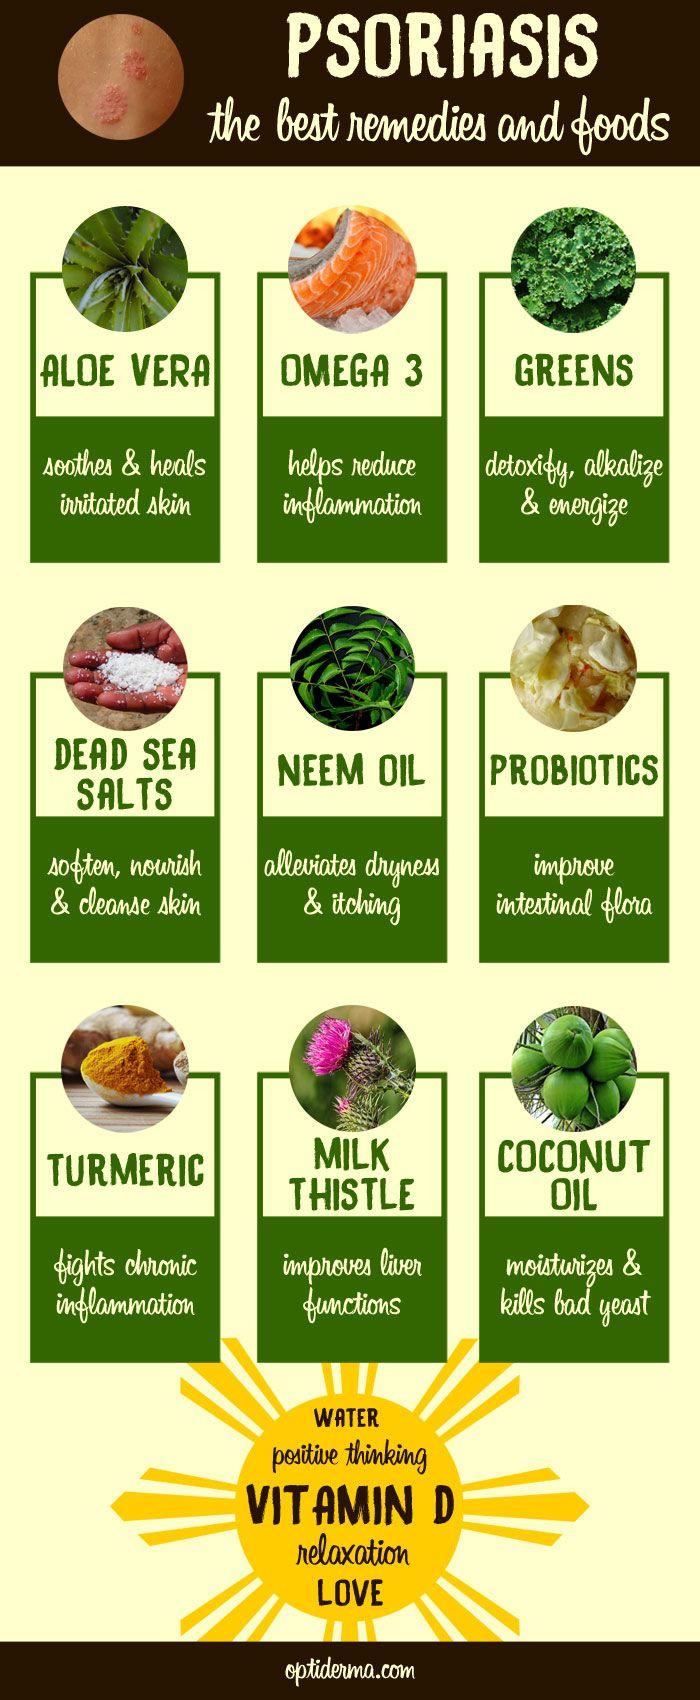 Az ízületek zselatinnal való kezelése - klasszikus recept